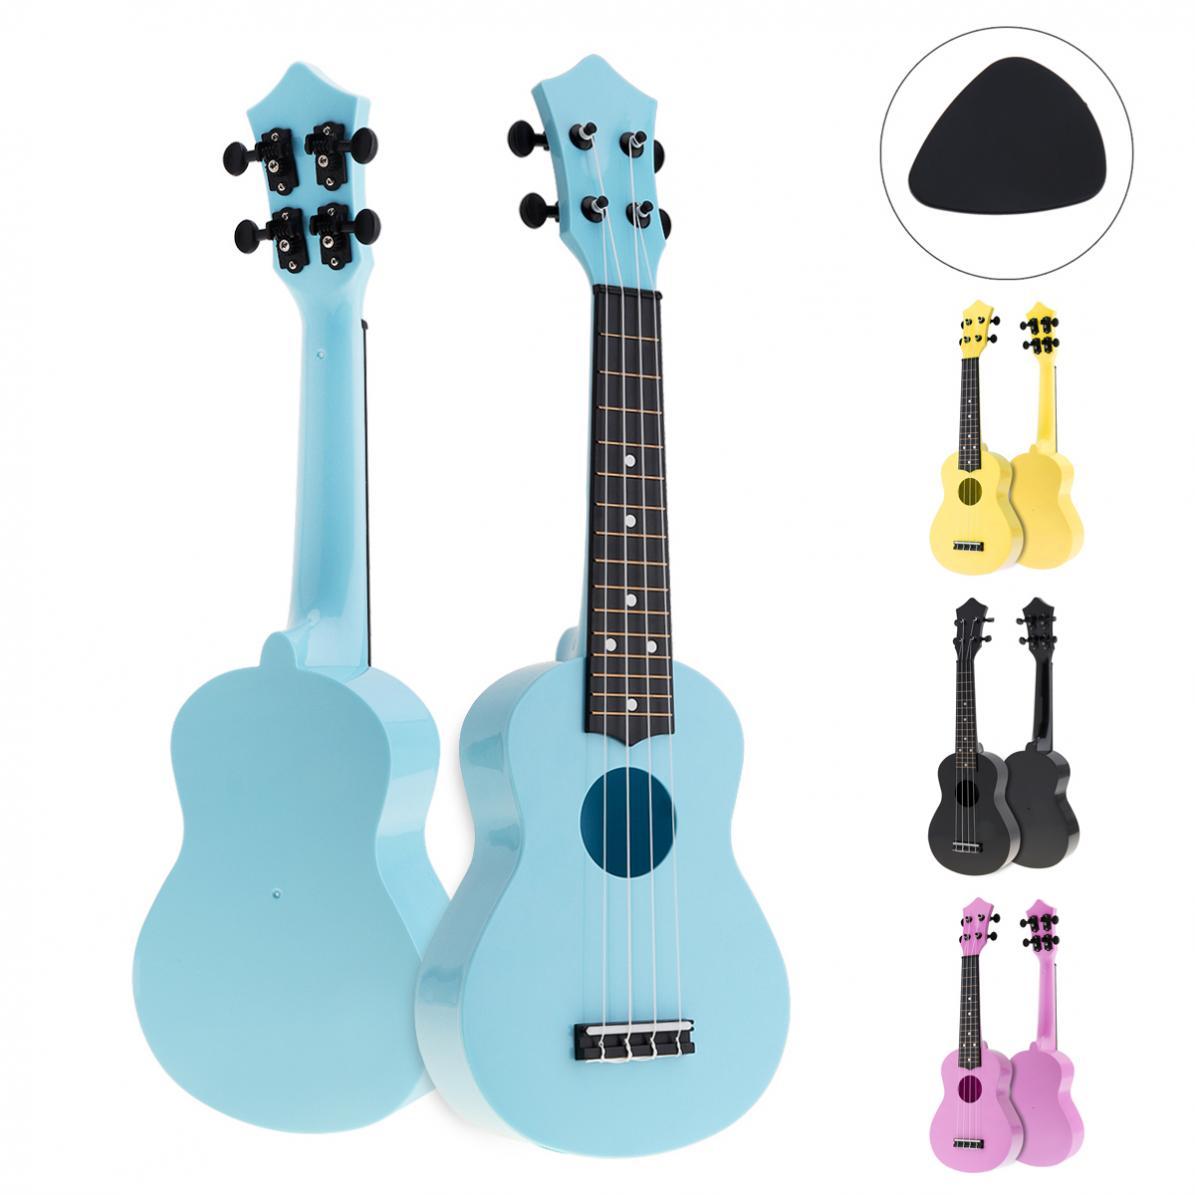 21-pollici-colorato-acustica-ukulele-uke-4-strings-hawaii-chitarra-guitarra-strumento-di-musica-per-i-bambini-e-la-musica-per-principianti